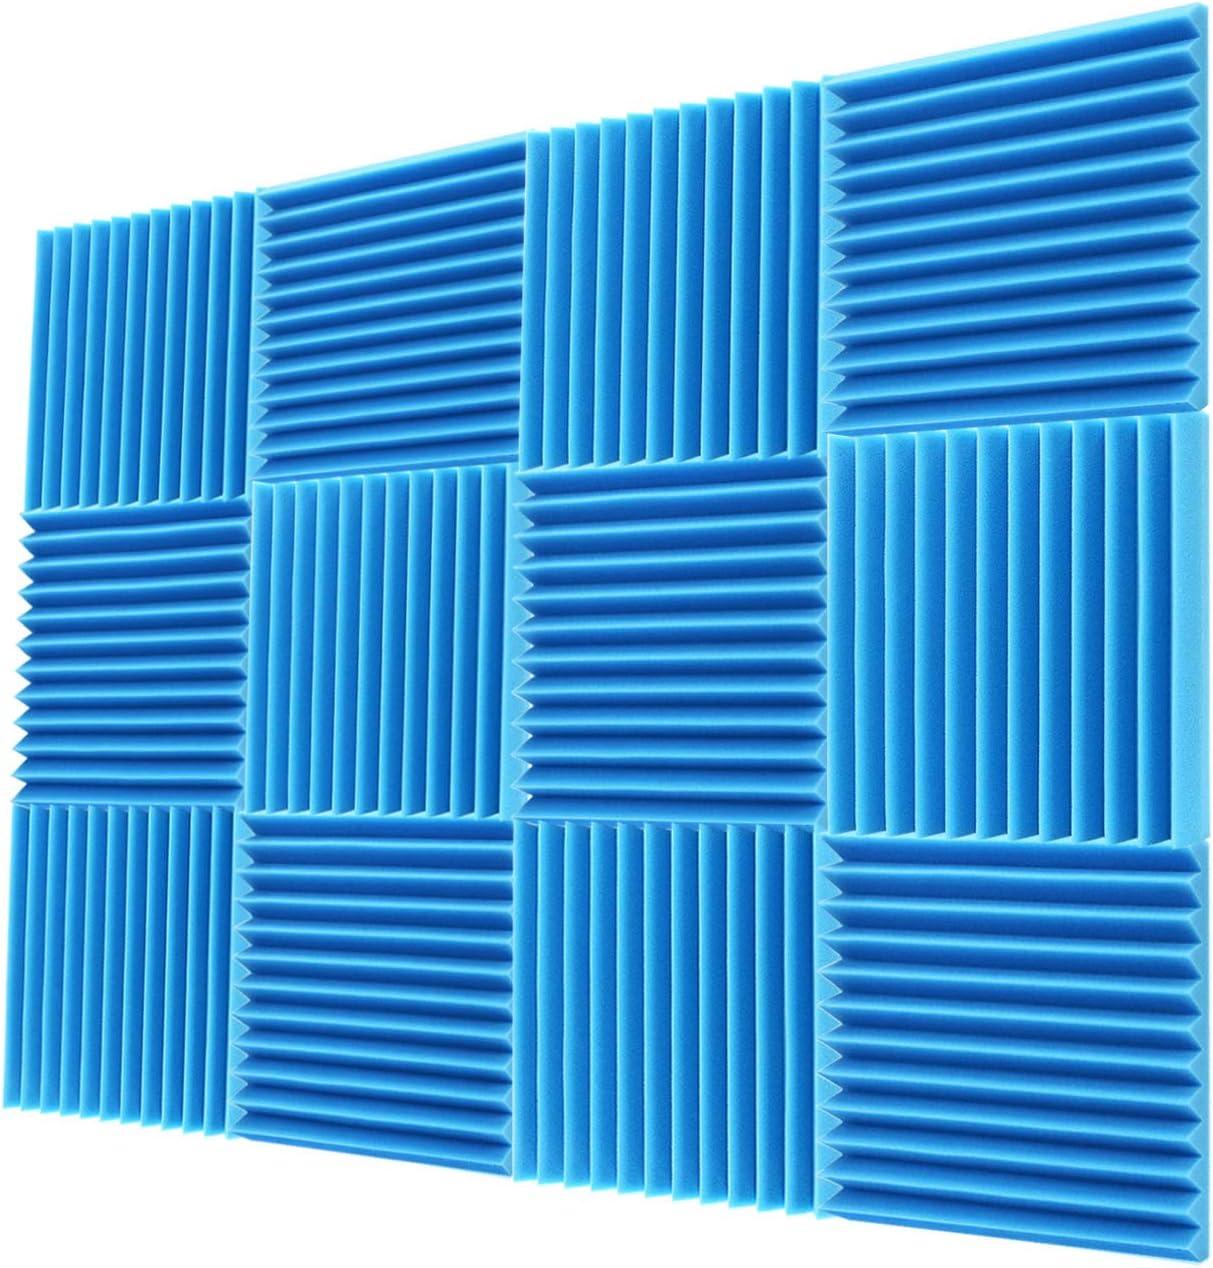 """Acoustic Foam Panels 2""""x12""""x12""""– Acoustic Panels, Sound Proof Padding, Sound Proof Foam Panels, Soundproofing Foam Panel, Studio Foam, Soundproof Foam, Acoustic Panel, Sound Foam Wedges"""